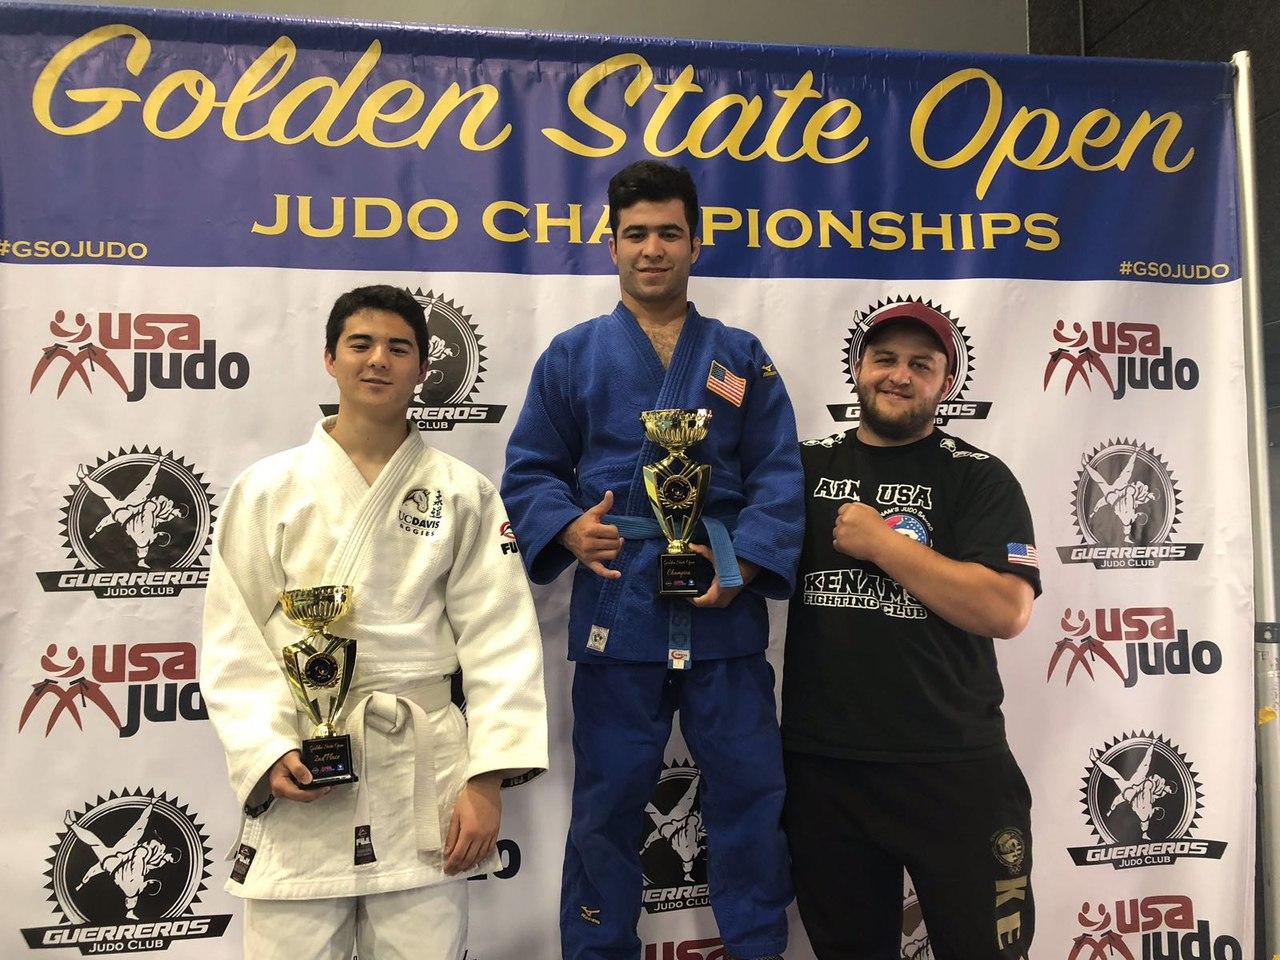 Боец Муин Гафуров стал чемпионом в дзюдо